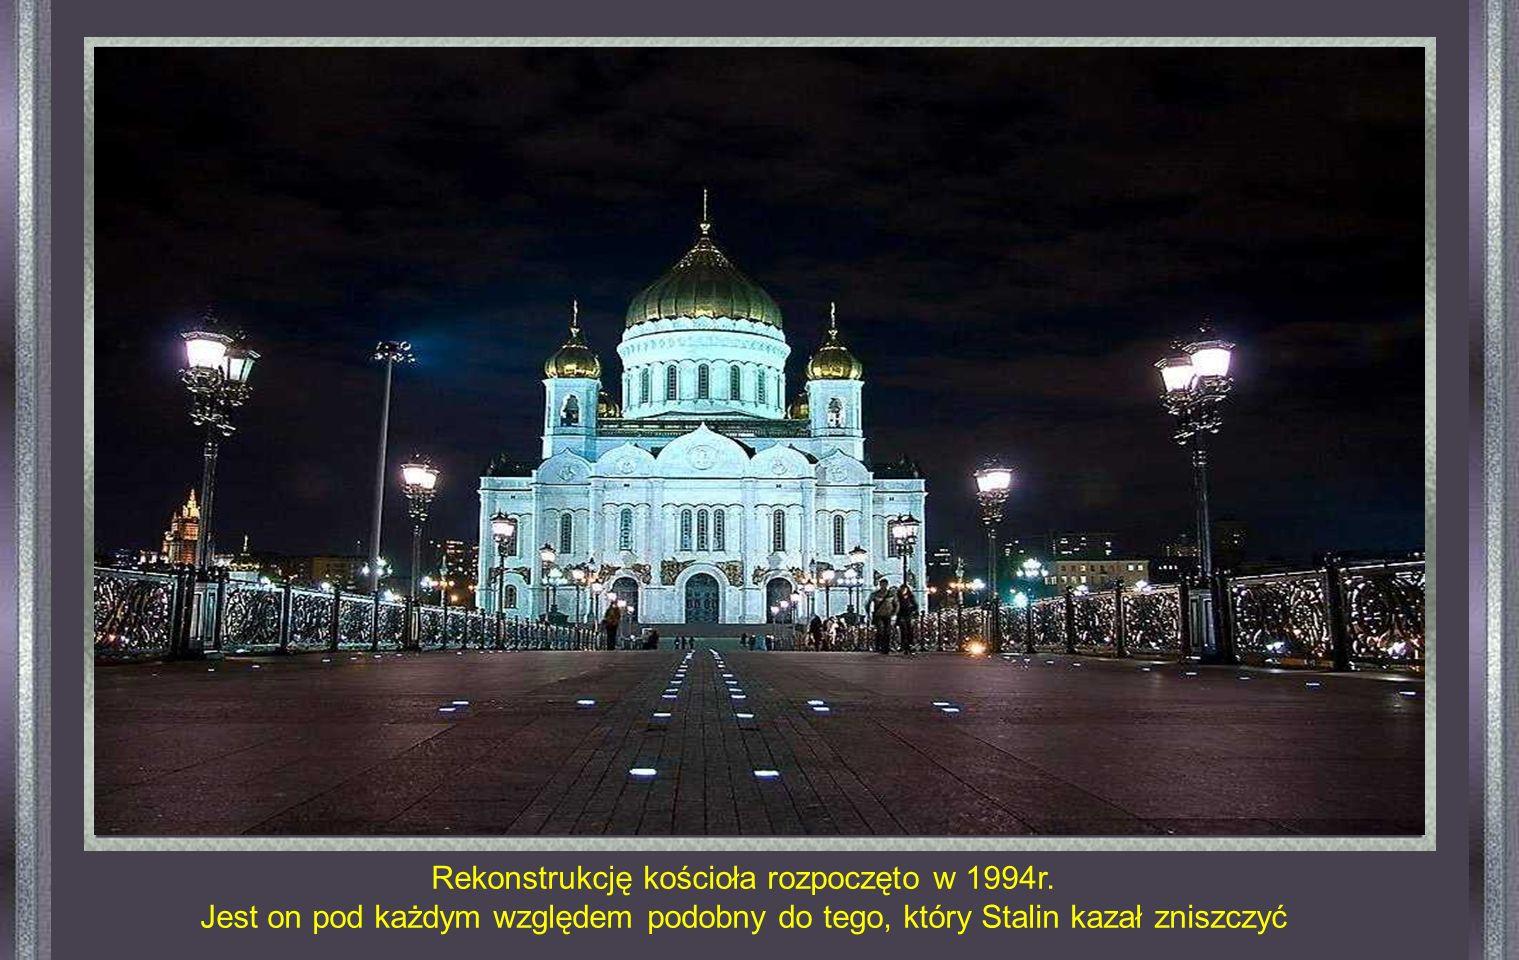 Rekonstrukcję kościoła rozpoczęto w 1994r.